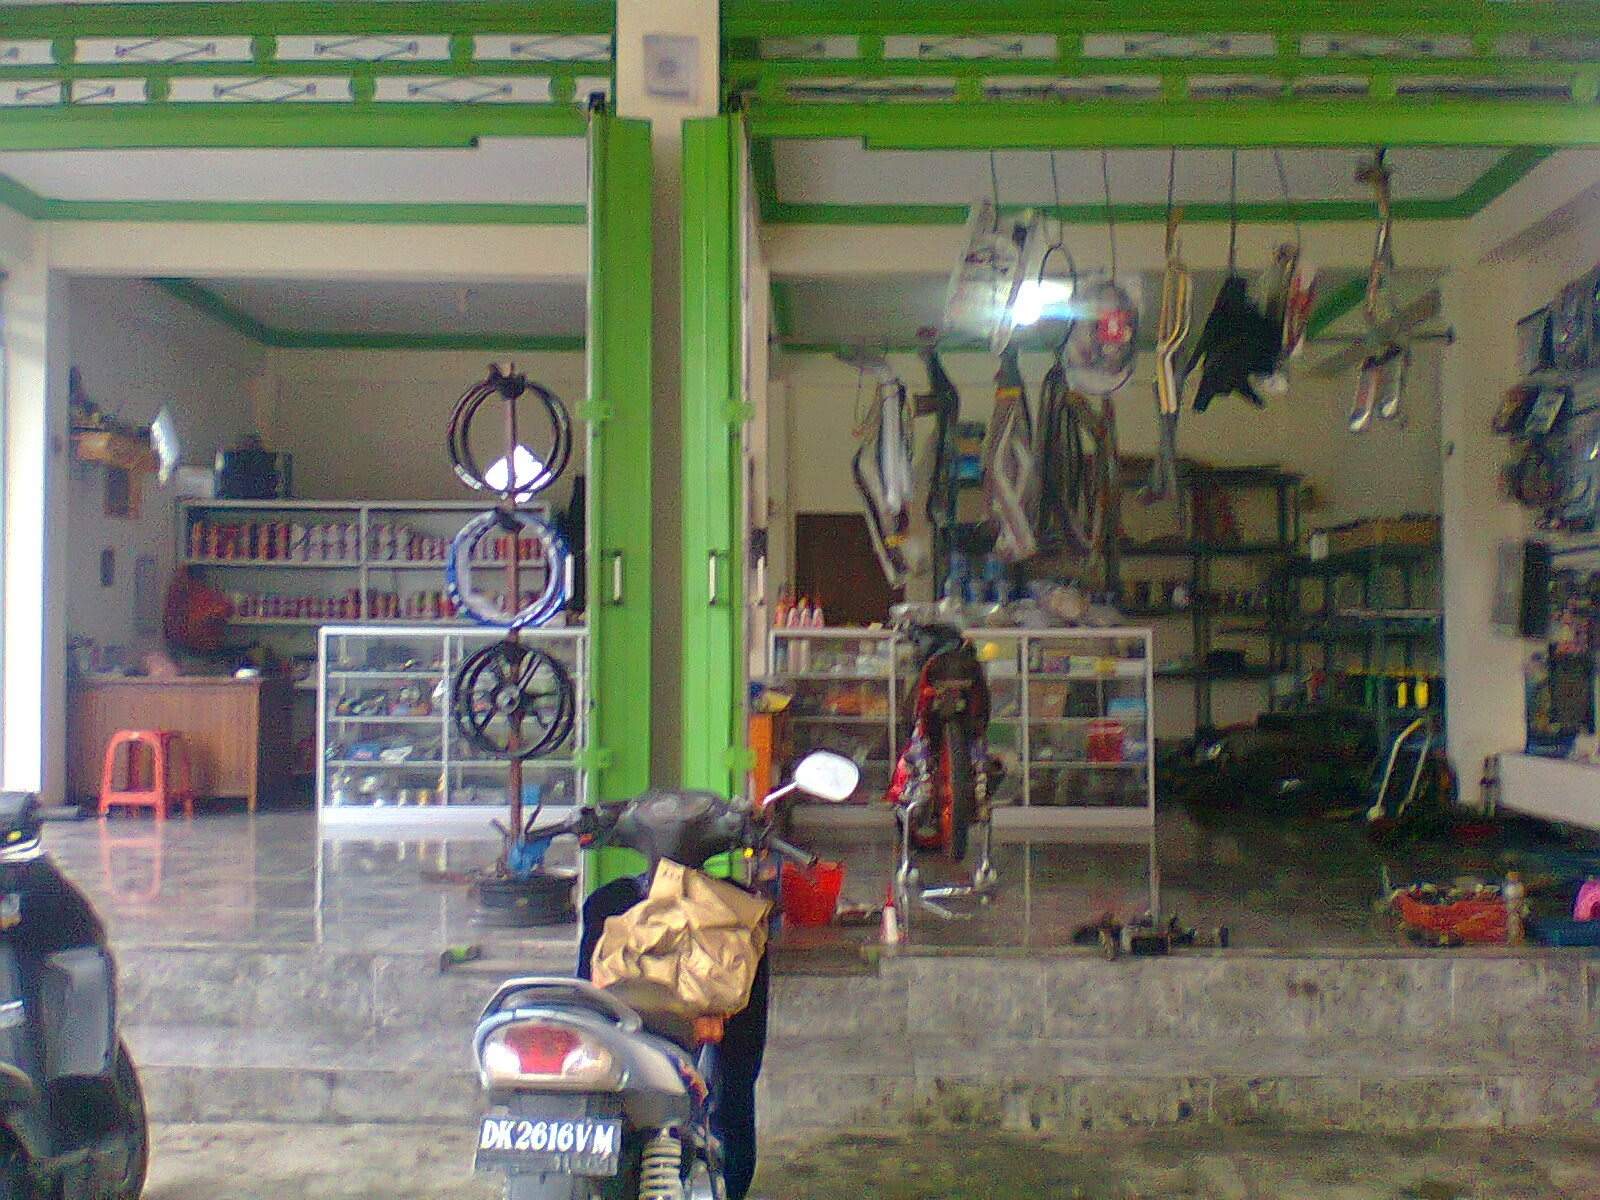 bengkel injeksi Bali